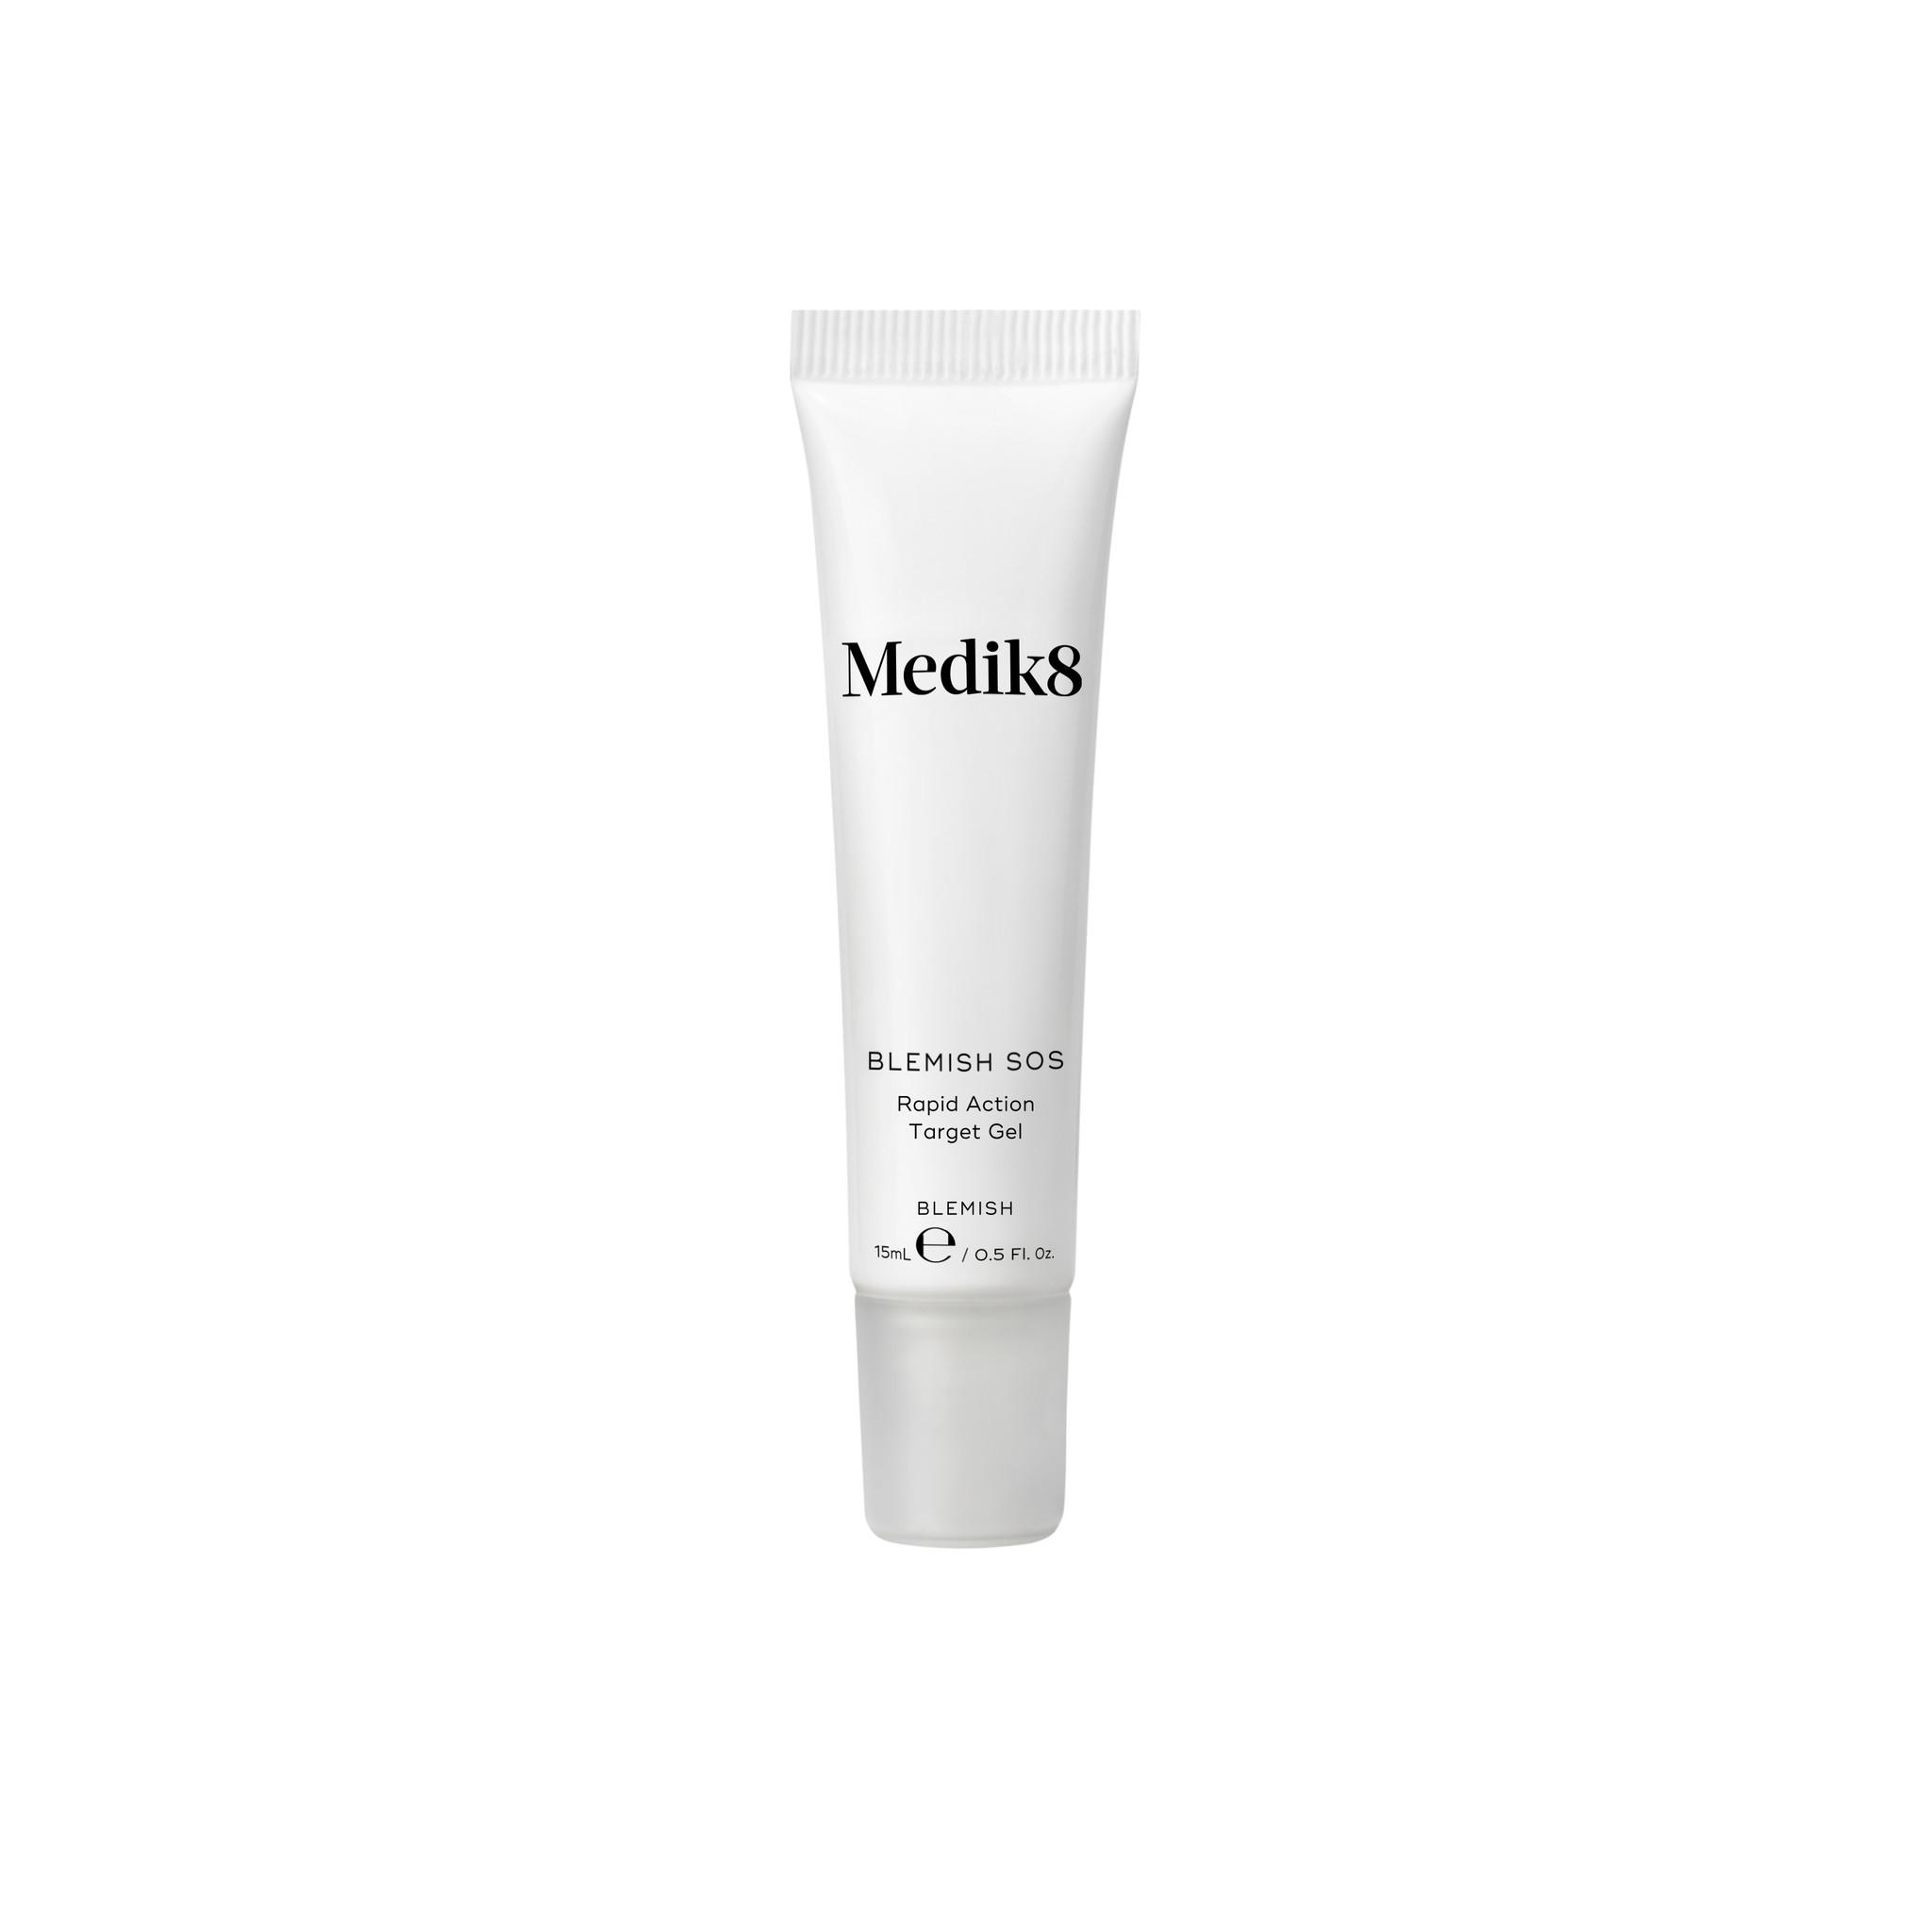 Medik8 Medik8 Blemish SOS (Beta Gel) 15ml voor de acne huid